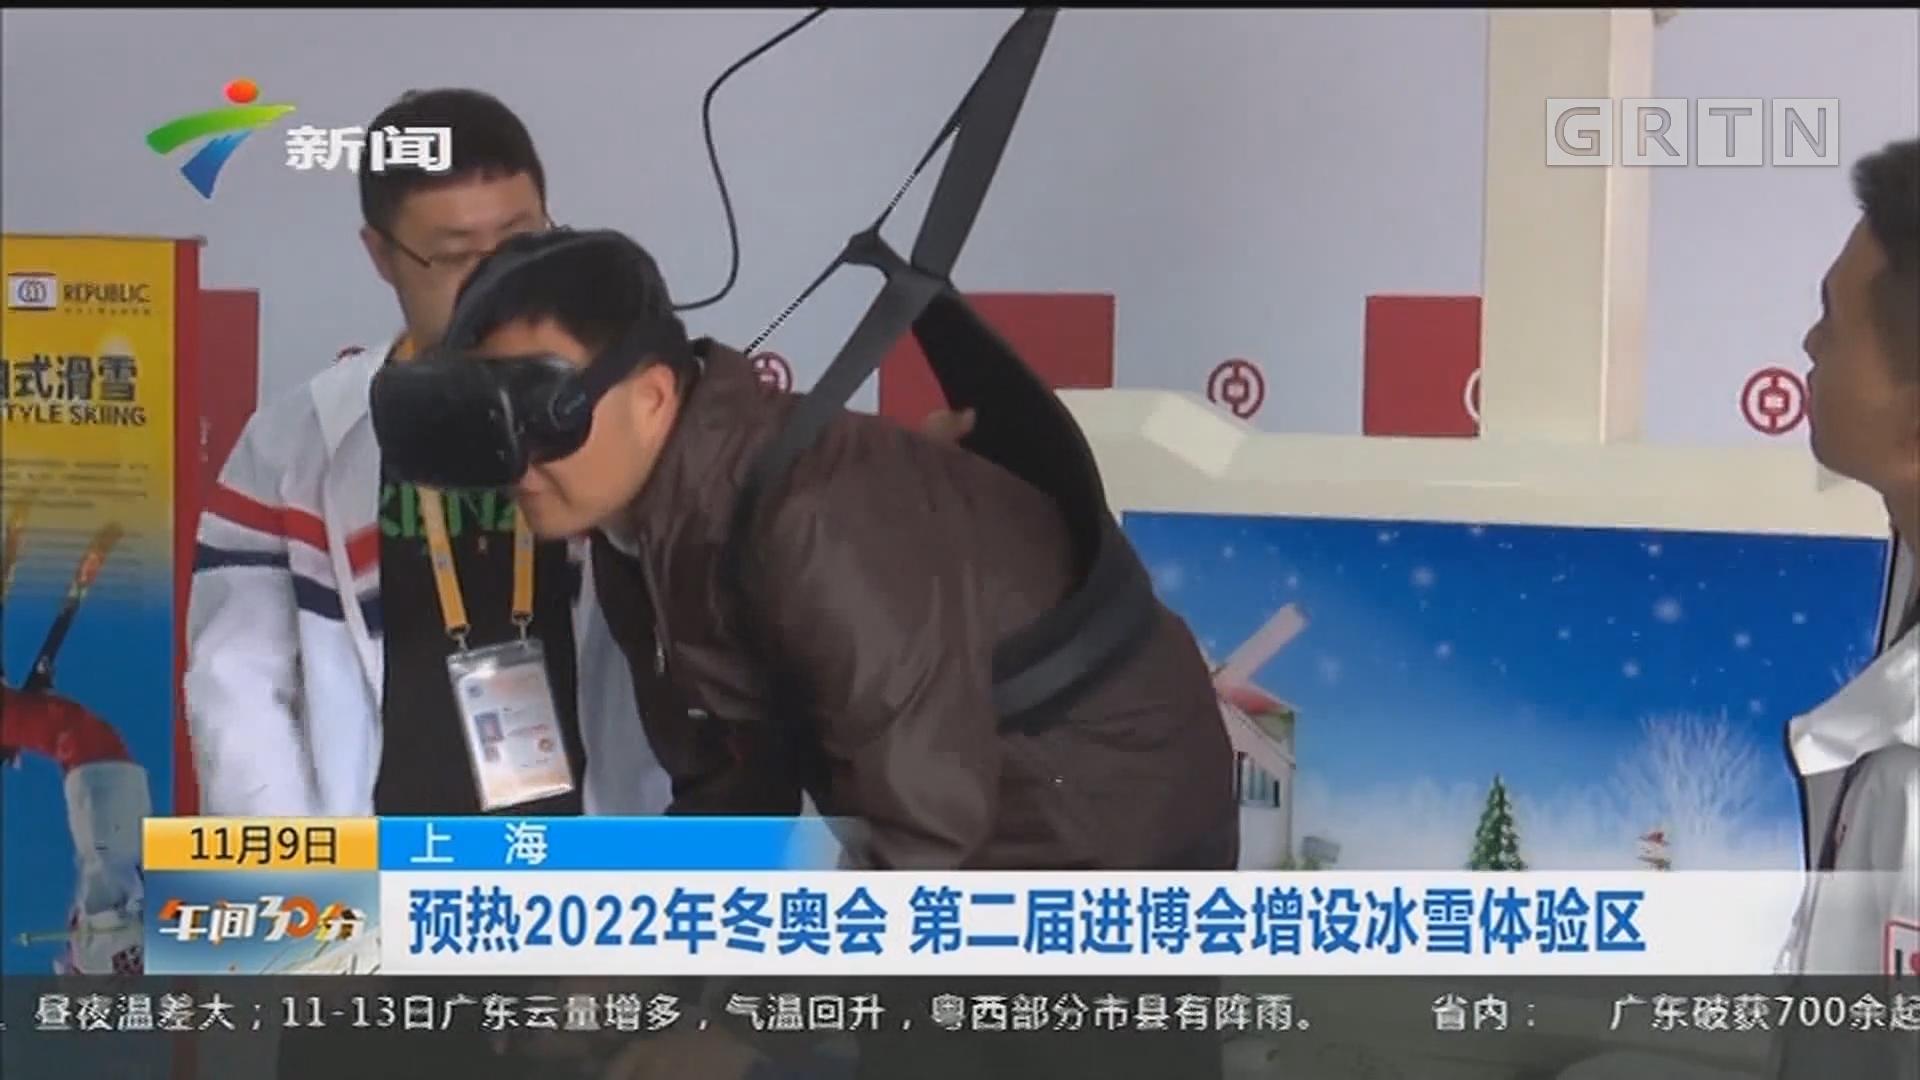 上海:预热2022年冬奥会 第二届进博会增设冰雪体验区